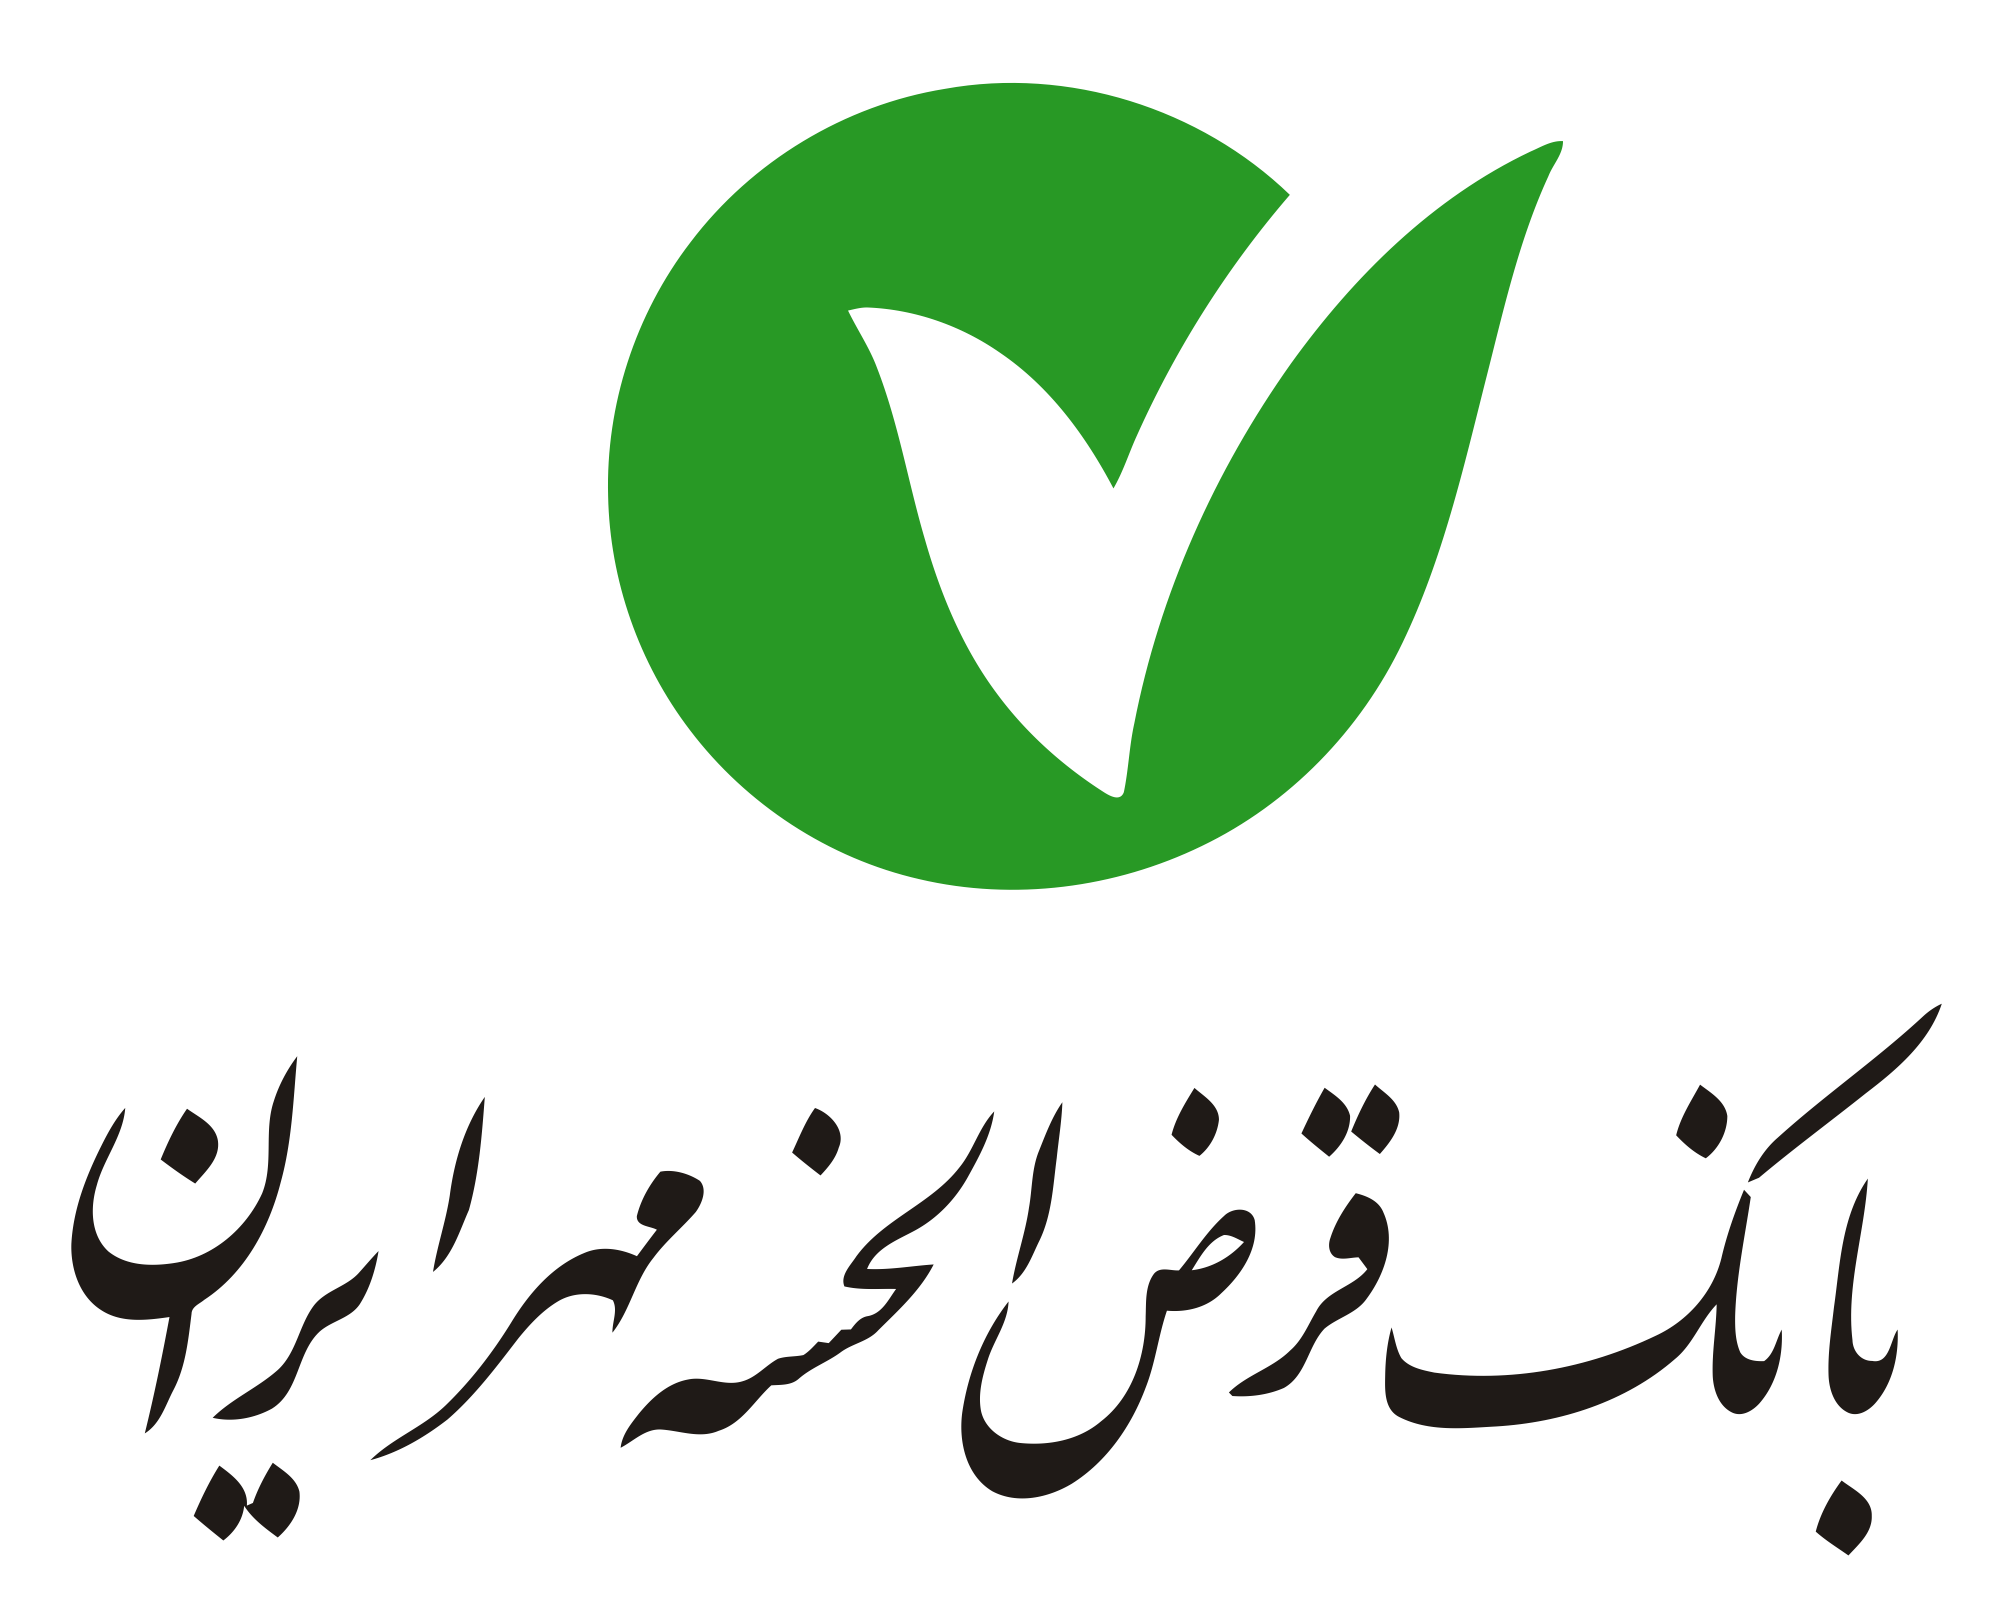 سوالات استخدامی بانک قرض الحسنه مهر ایران